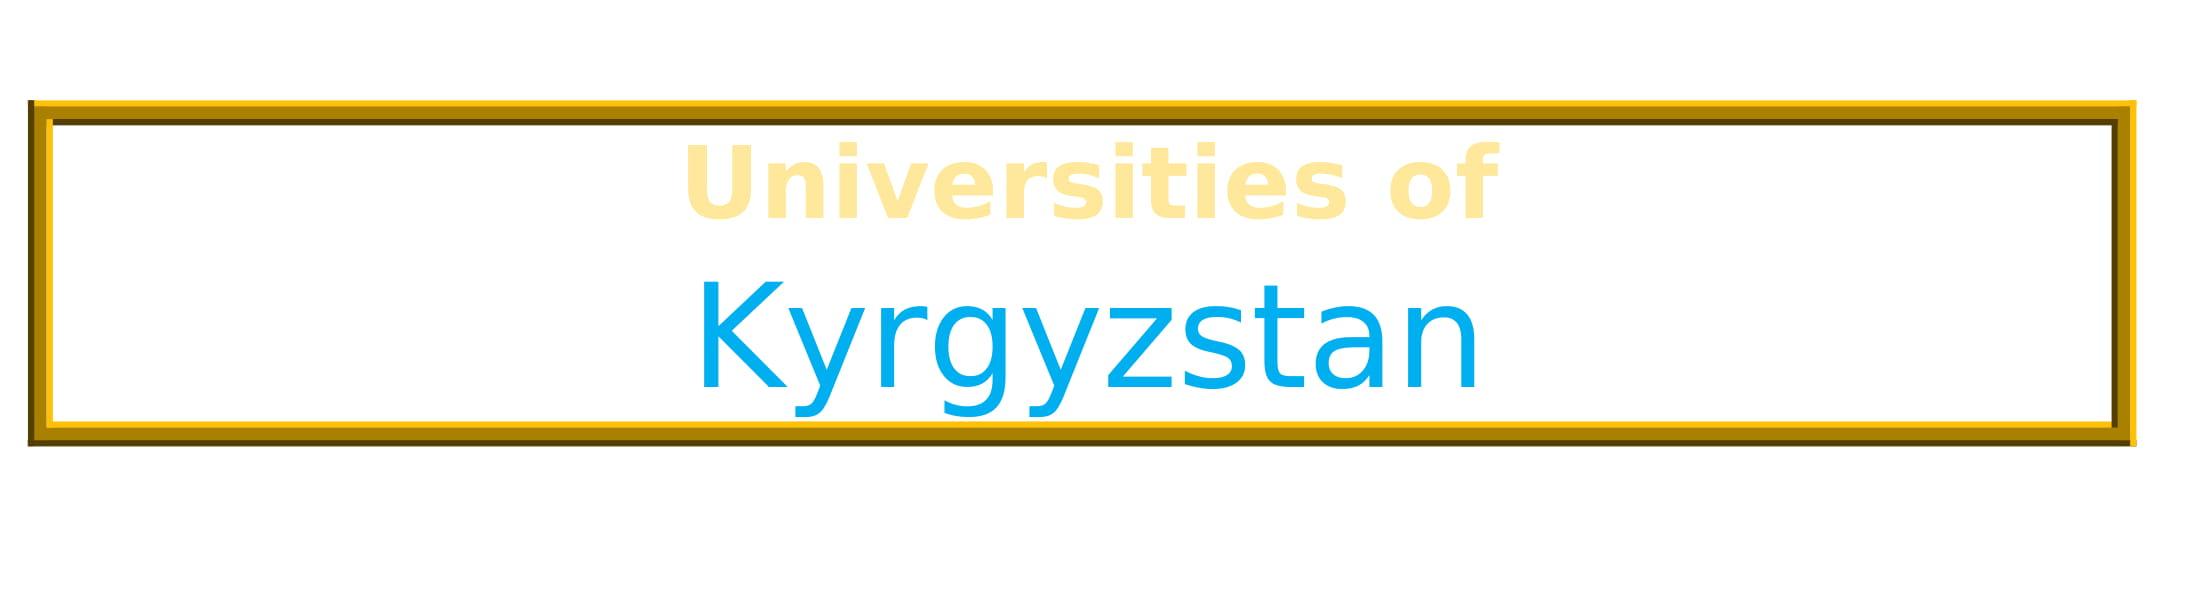 List of Universities in Kyrgyzstan